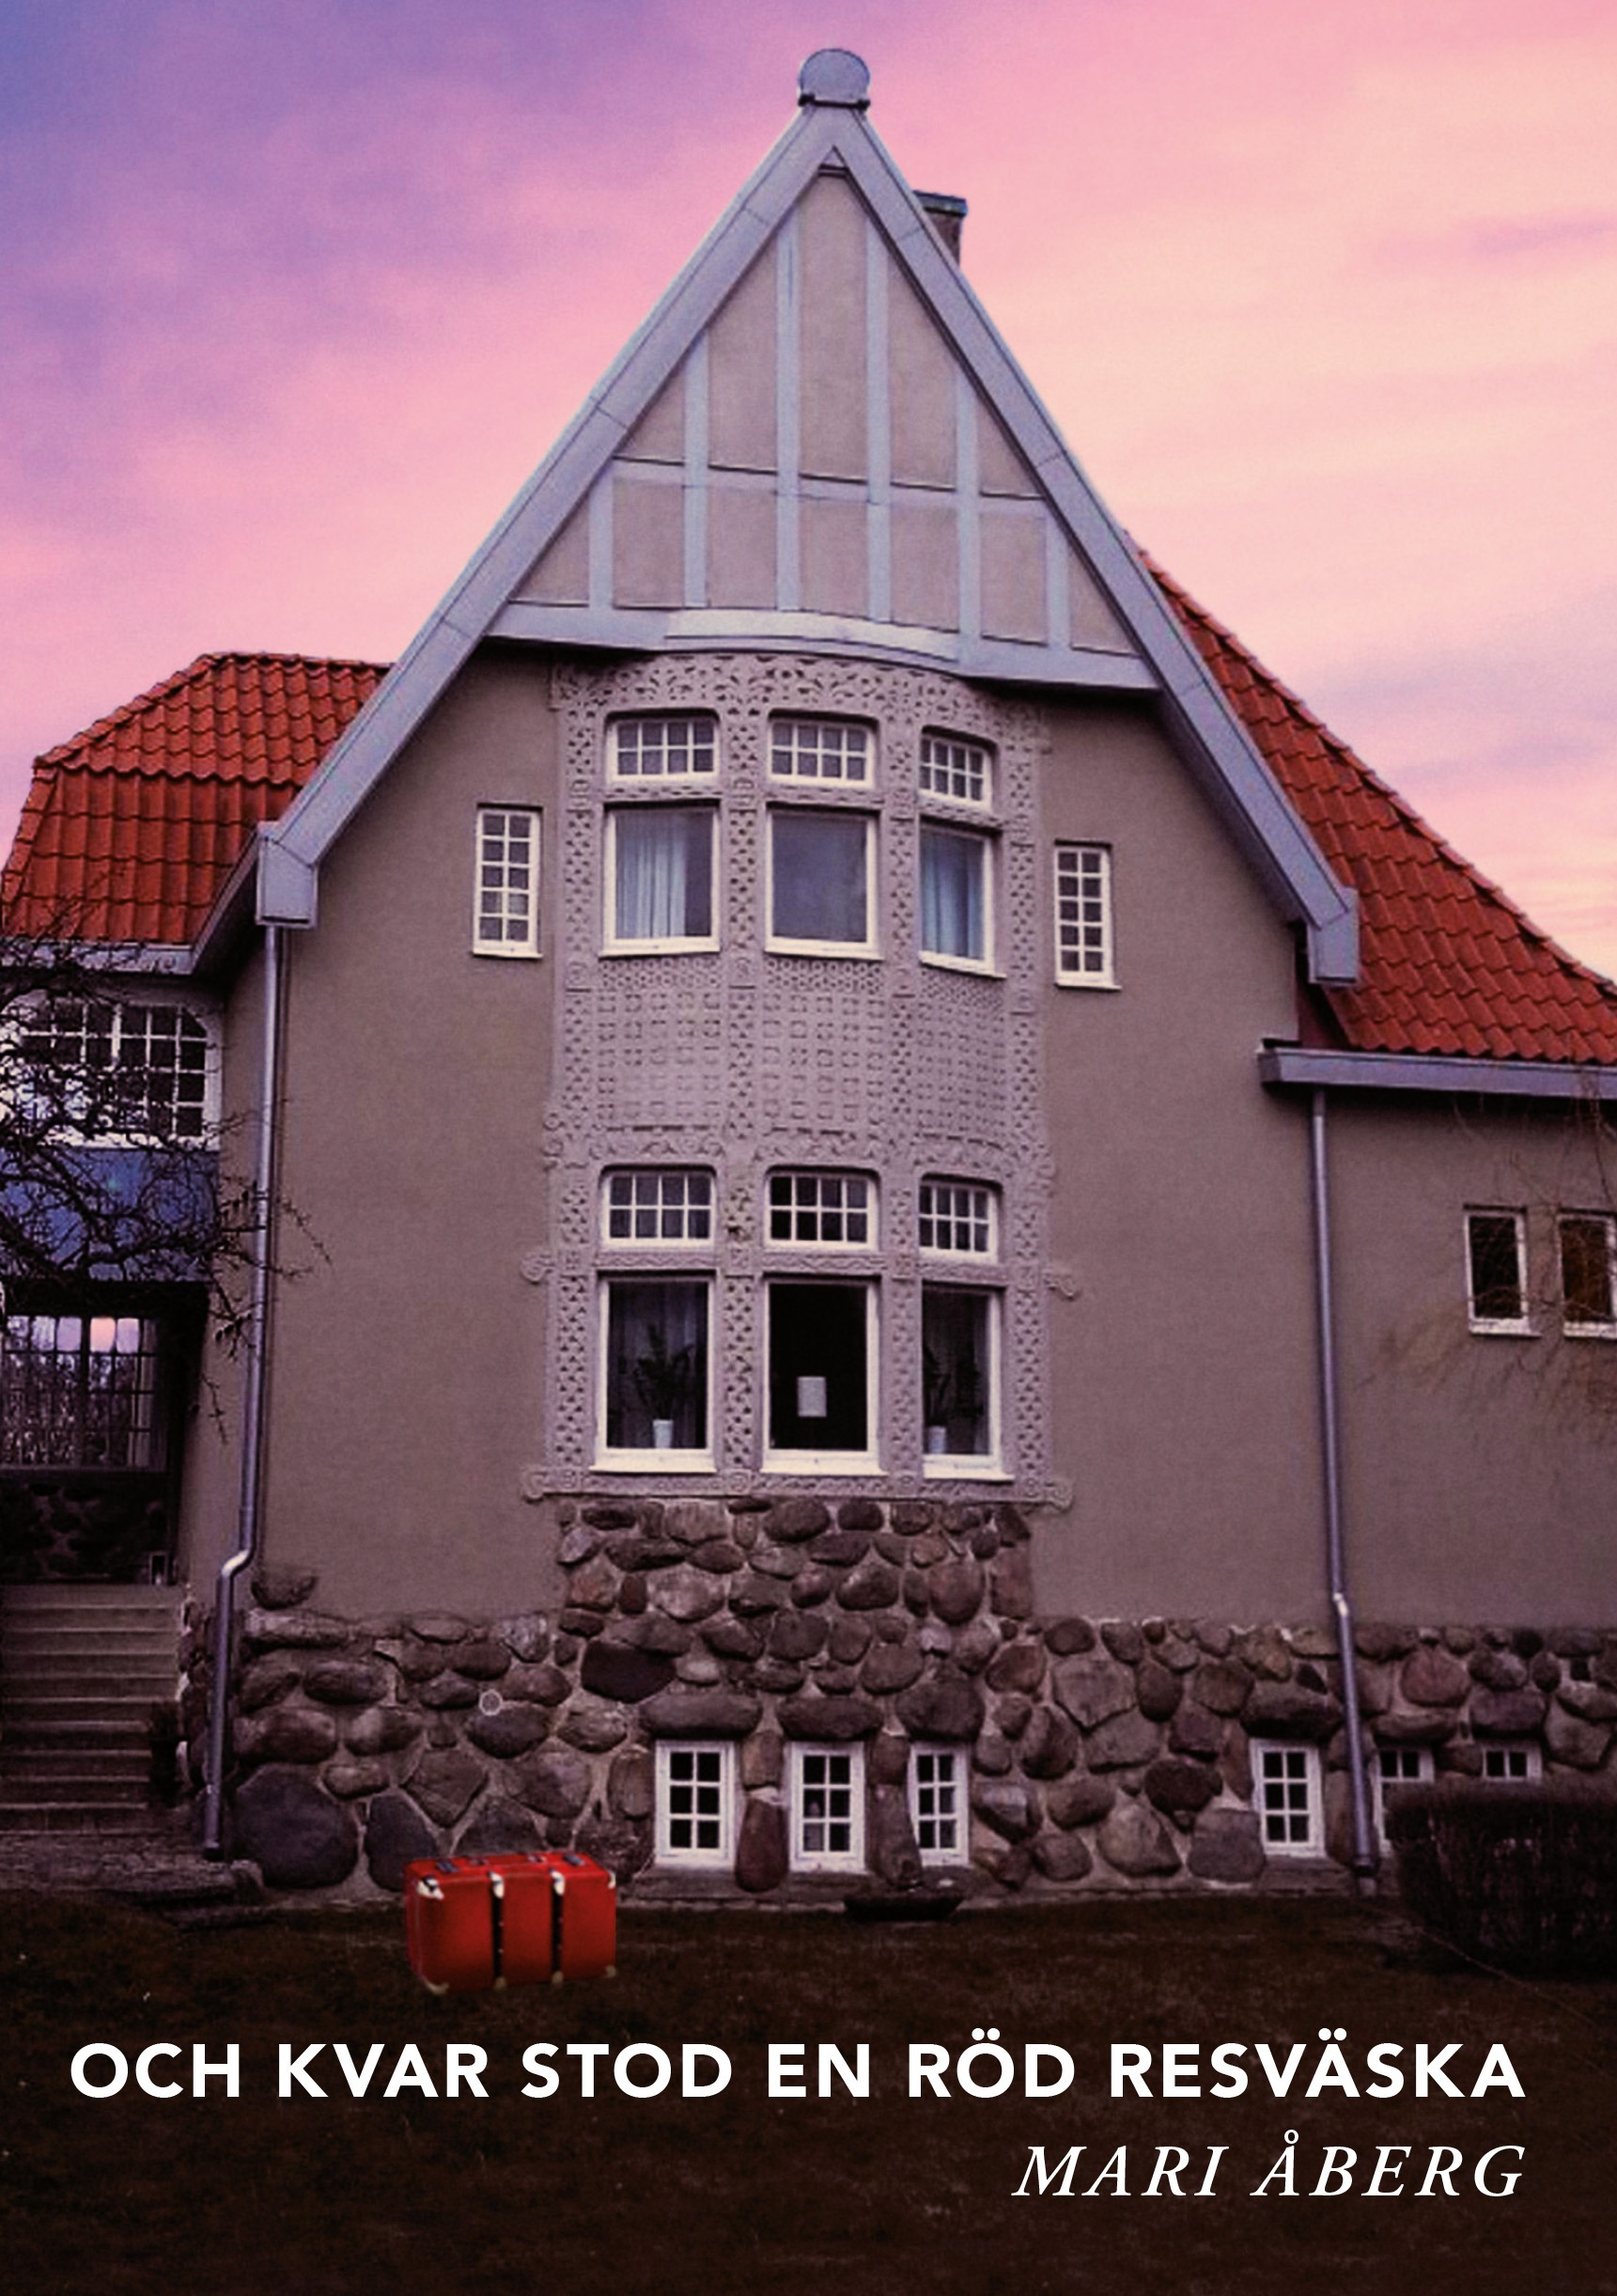 """Liberead tar upp """"Och kvar stod en röd resväska"""" av vulkanförfattaren Mari Åberg"""